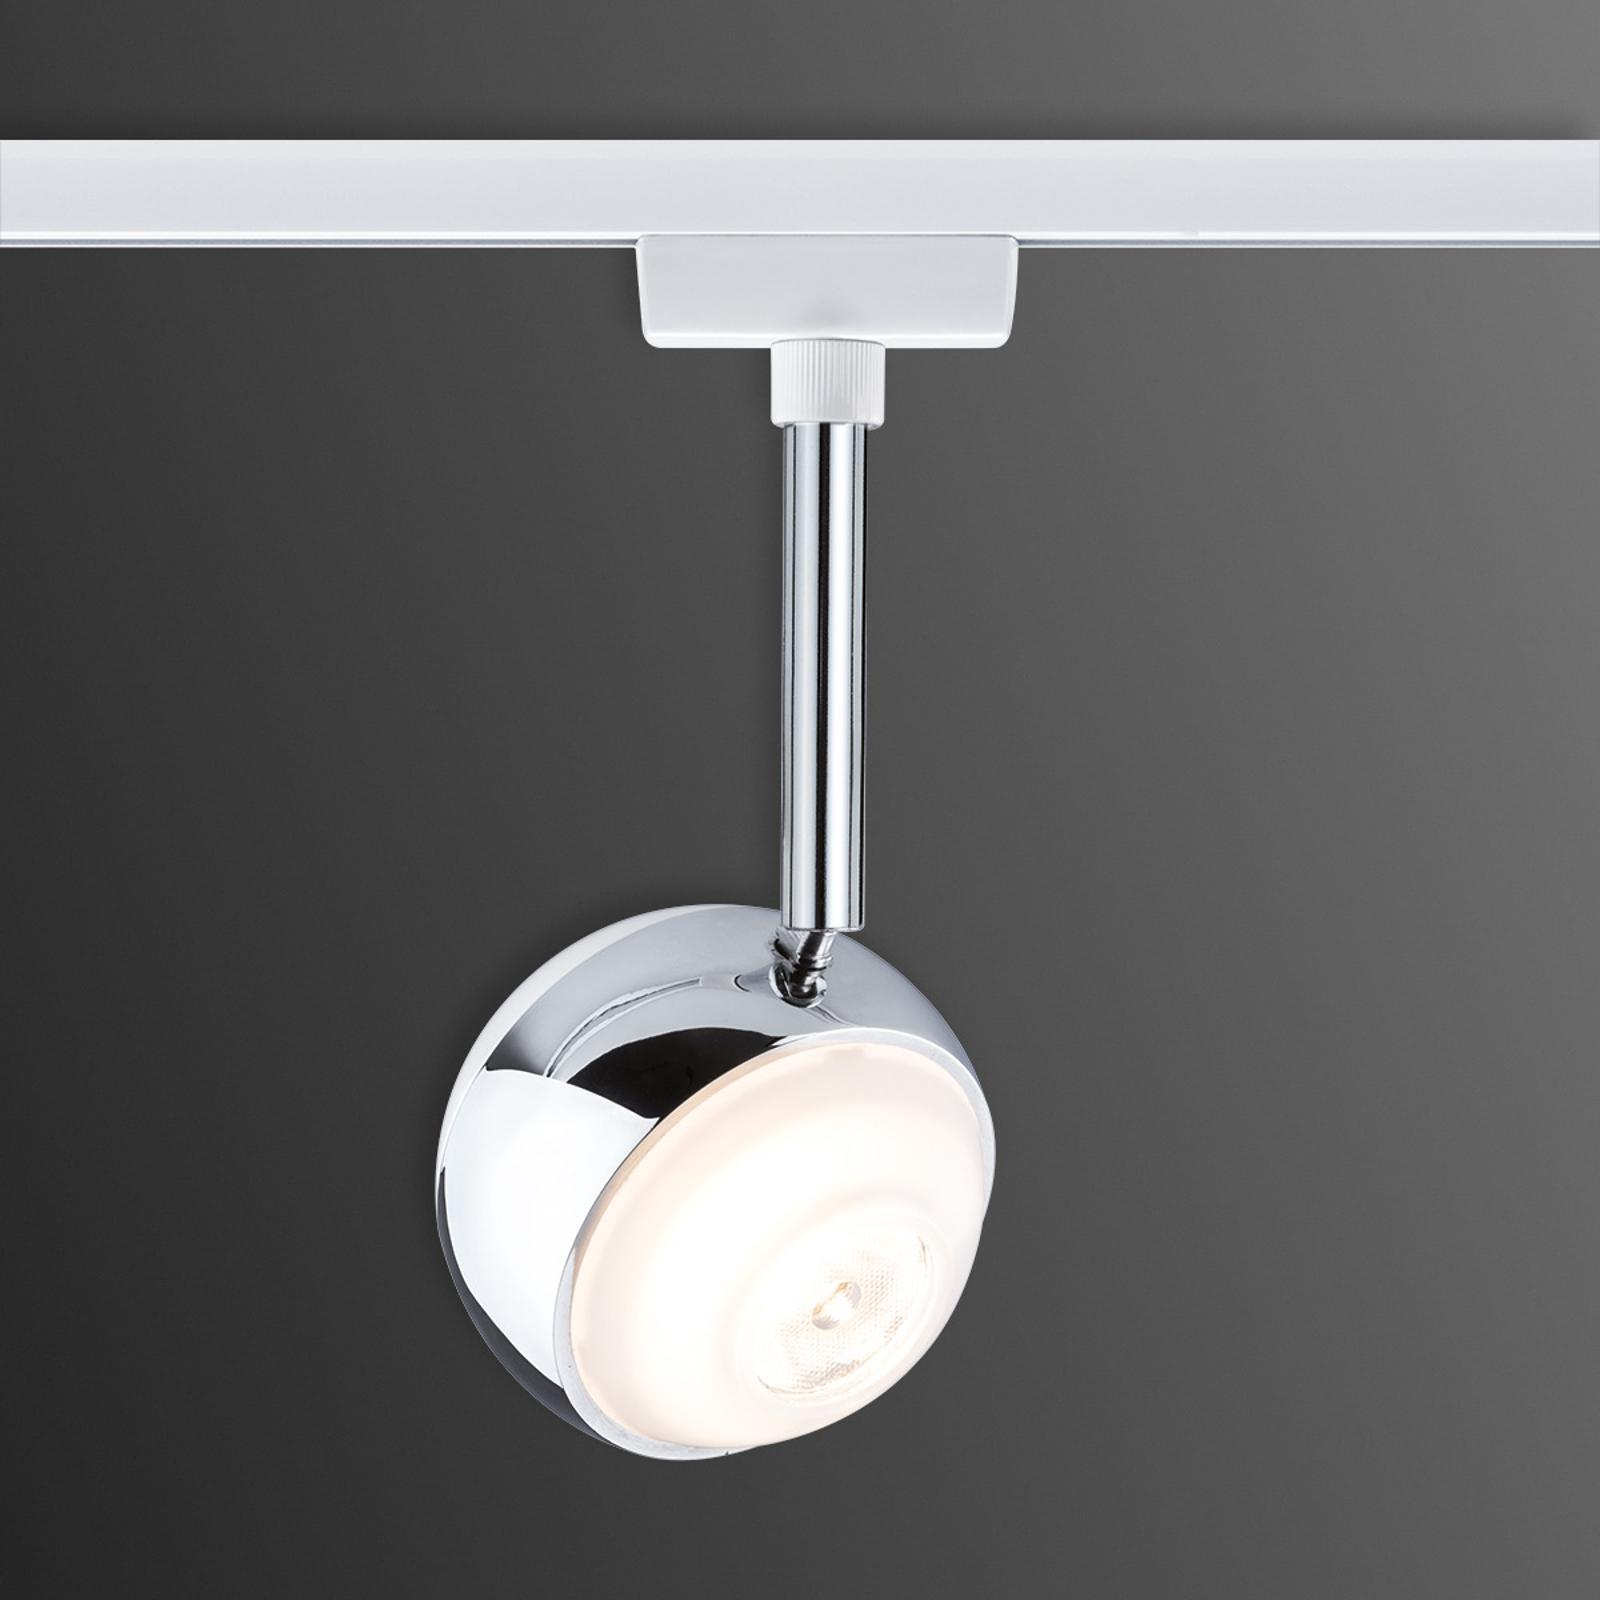 Paulmann URail faretto LED Capsule tondo bianco Illuminazione per interni